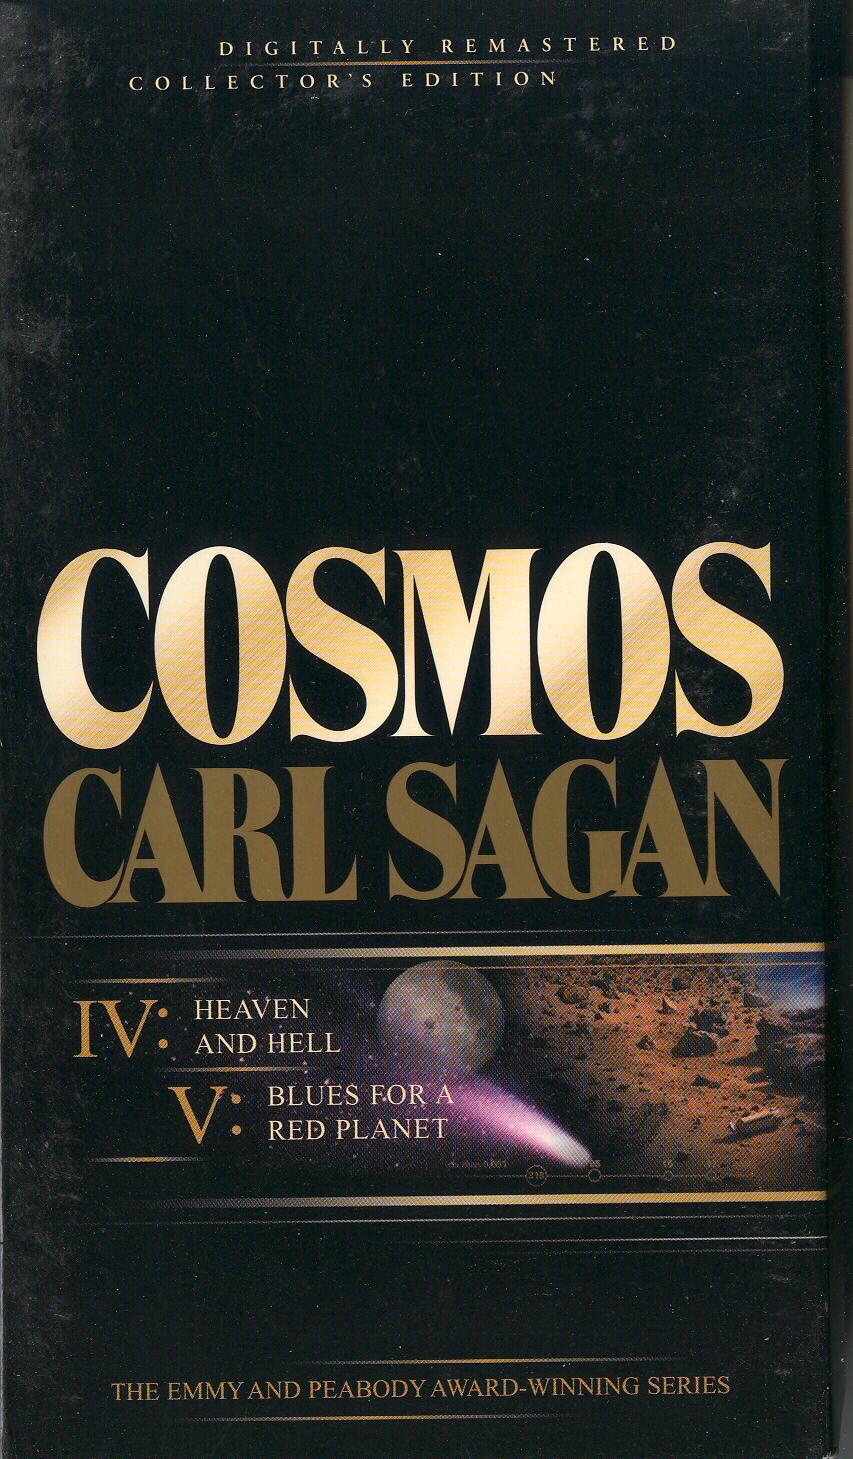 Cosmos-Vol3.jpg